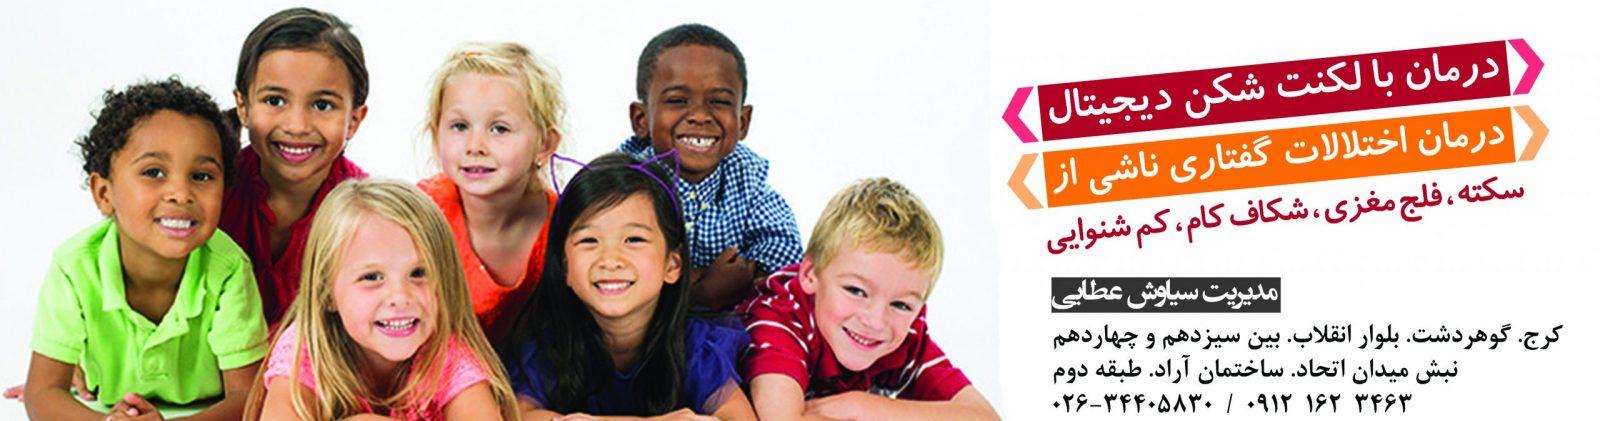 فهرست کلینیک کاردرمانی ( جسمی - ذهنی ) کرج – البرز- هشتگرد | فهرست کلینیک کاردرمانی کودک و بزرگسال در کرج- البرز- هشتگرد